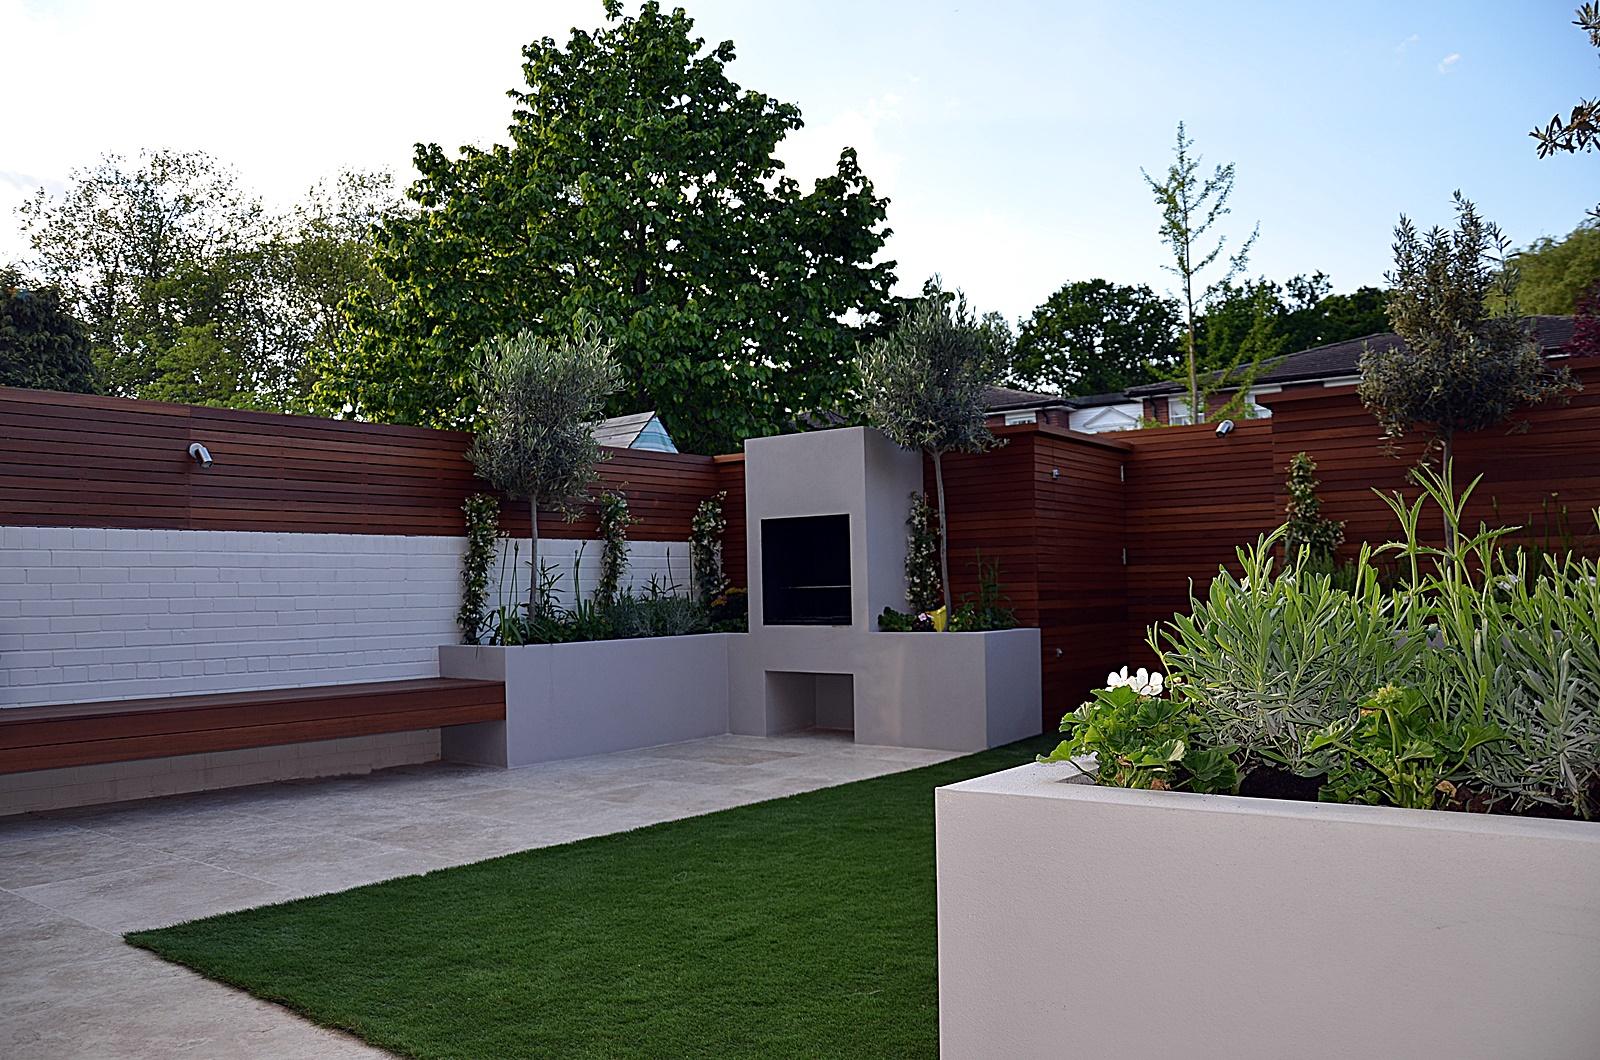 garden designer hardwood screen london